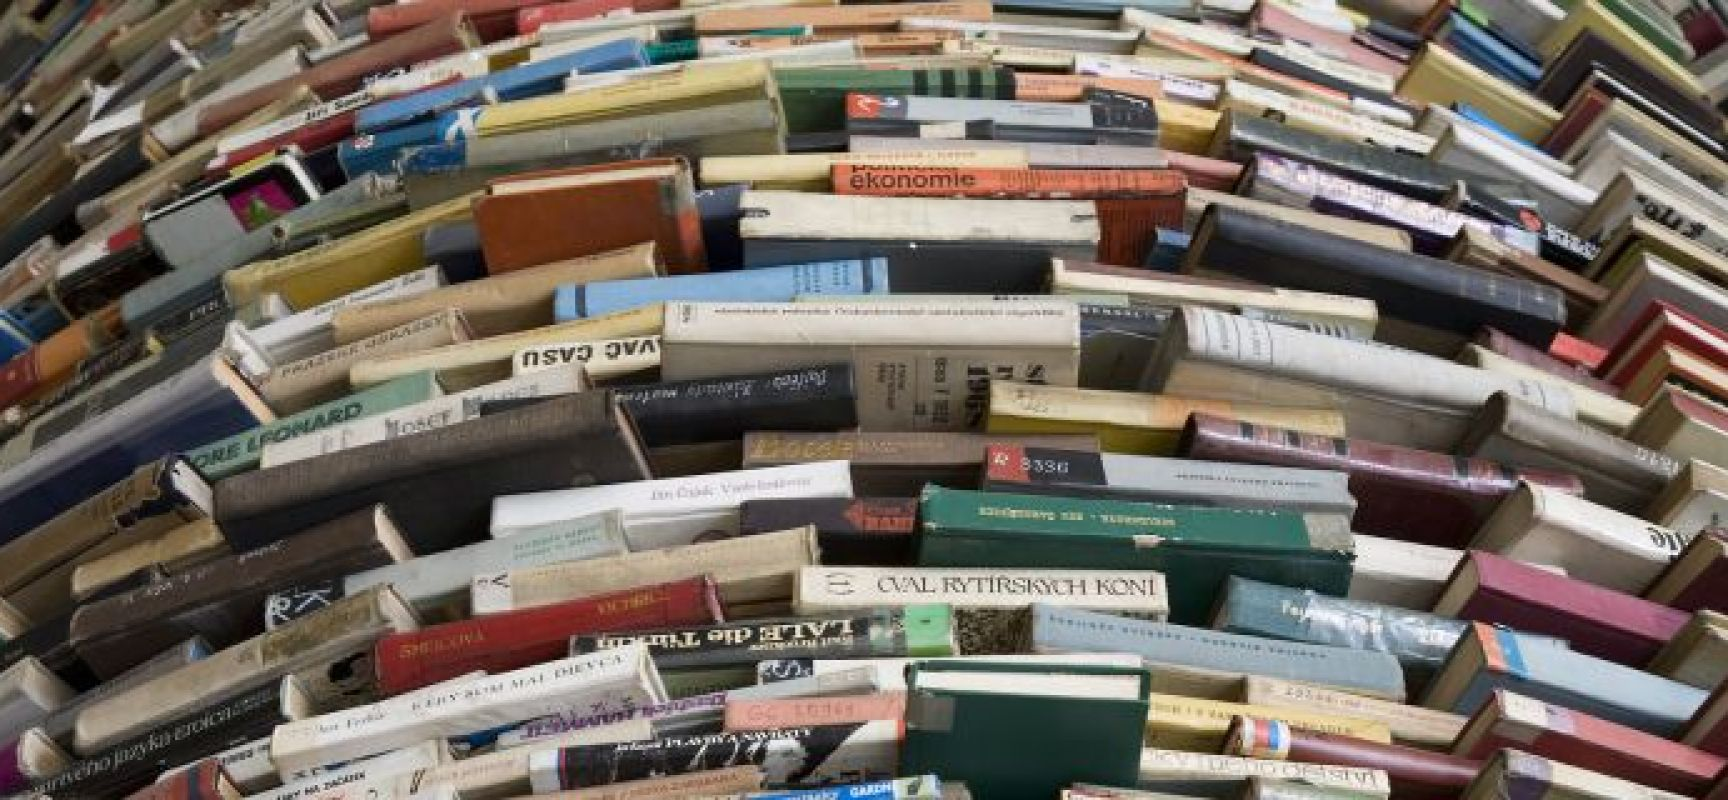 Mercatino dei libri usati iniziata la vendita dei volumi for Libri vendita